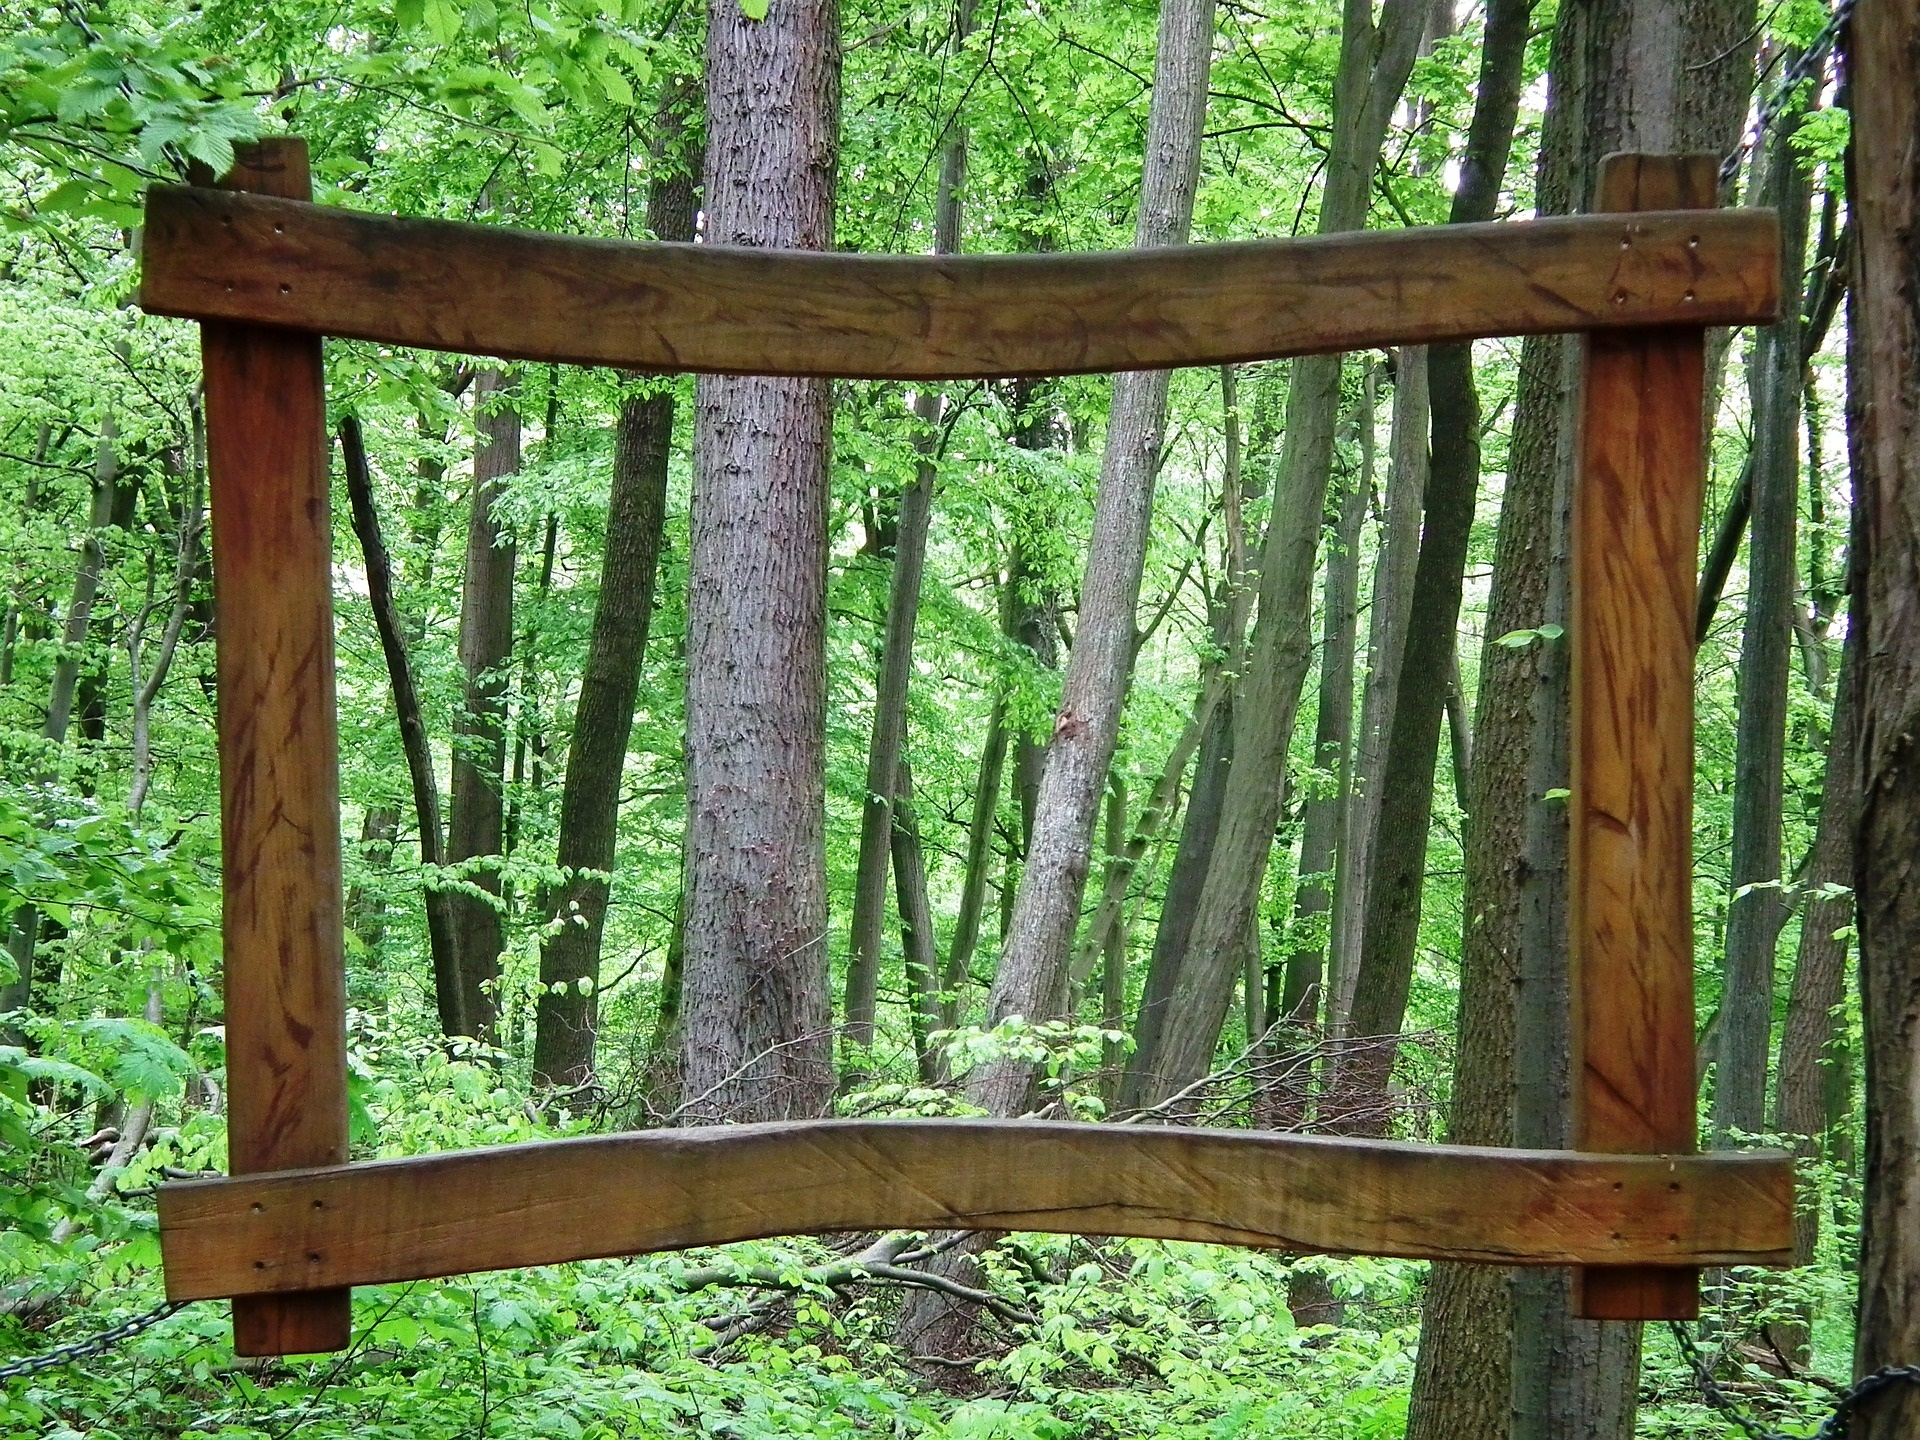 Holzrahmen vor einem Wald.